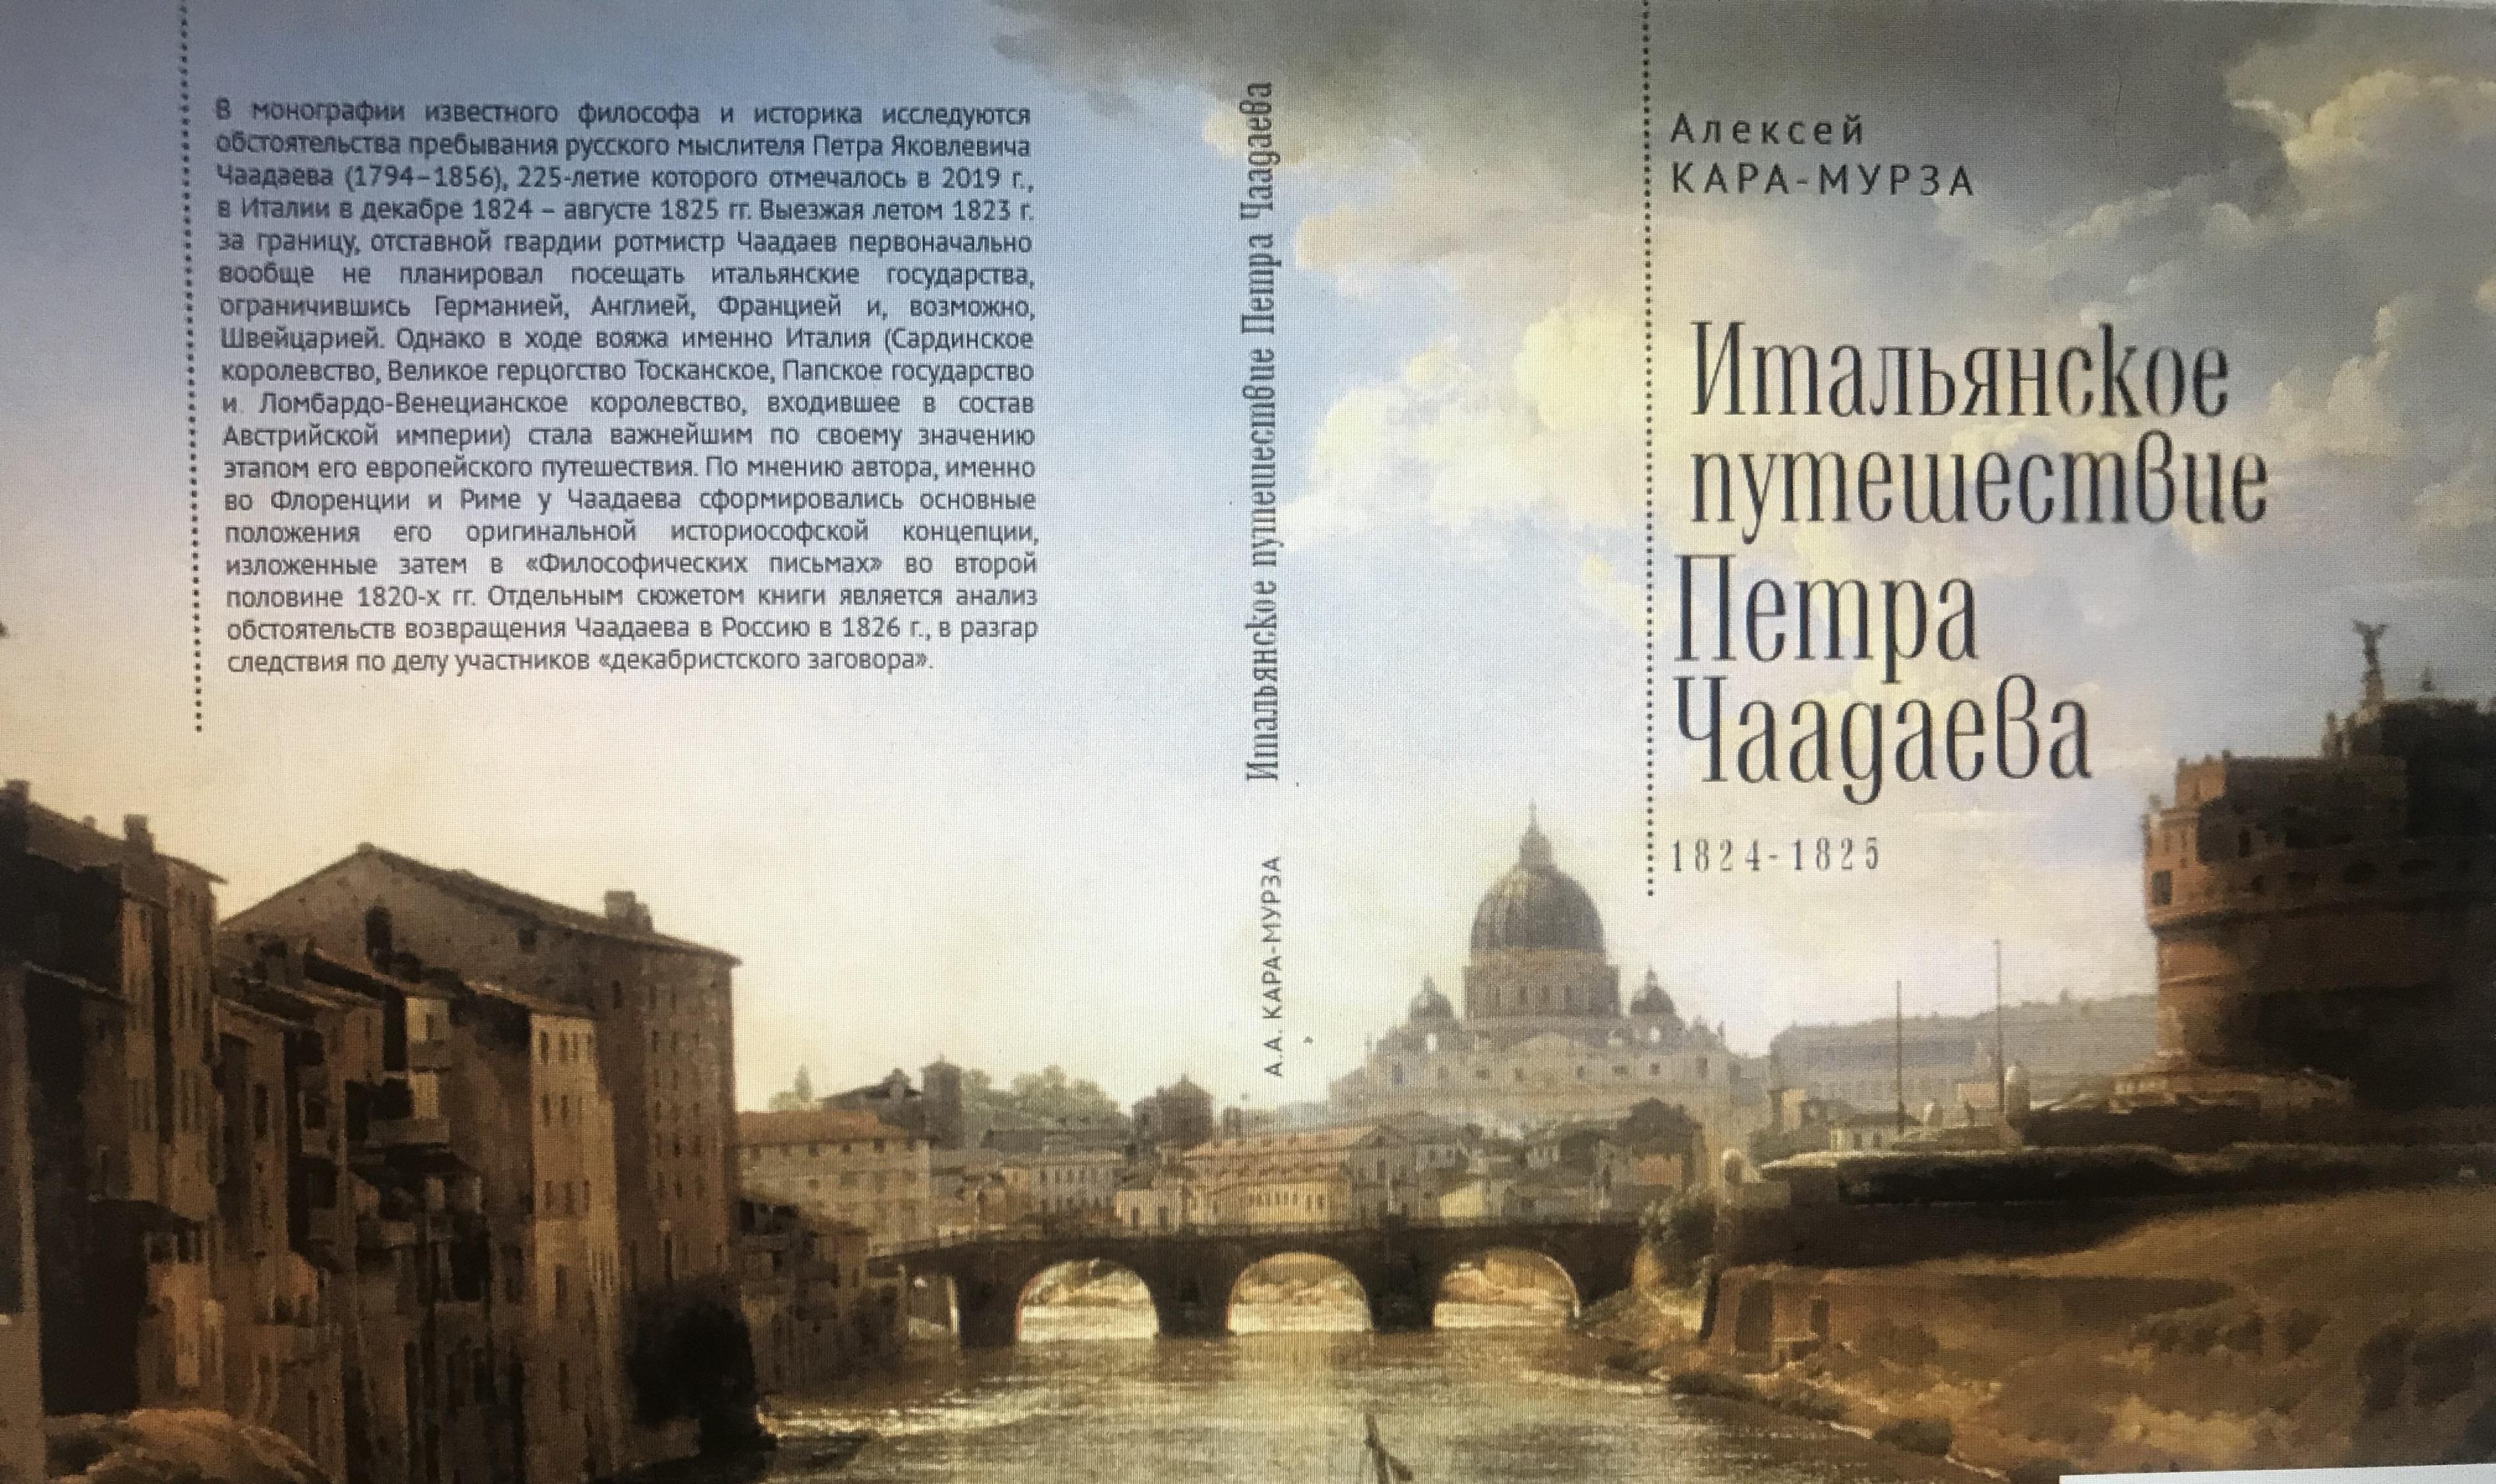 Итальянское путешествие Петра Чаадаева (1824-1825)